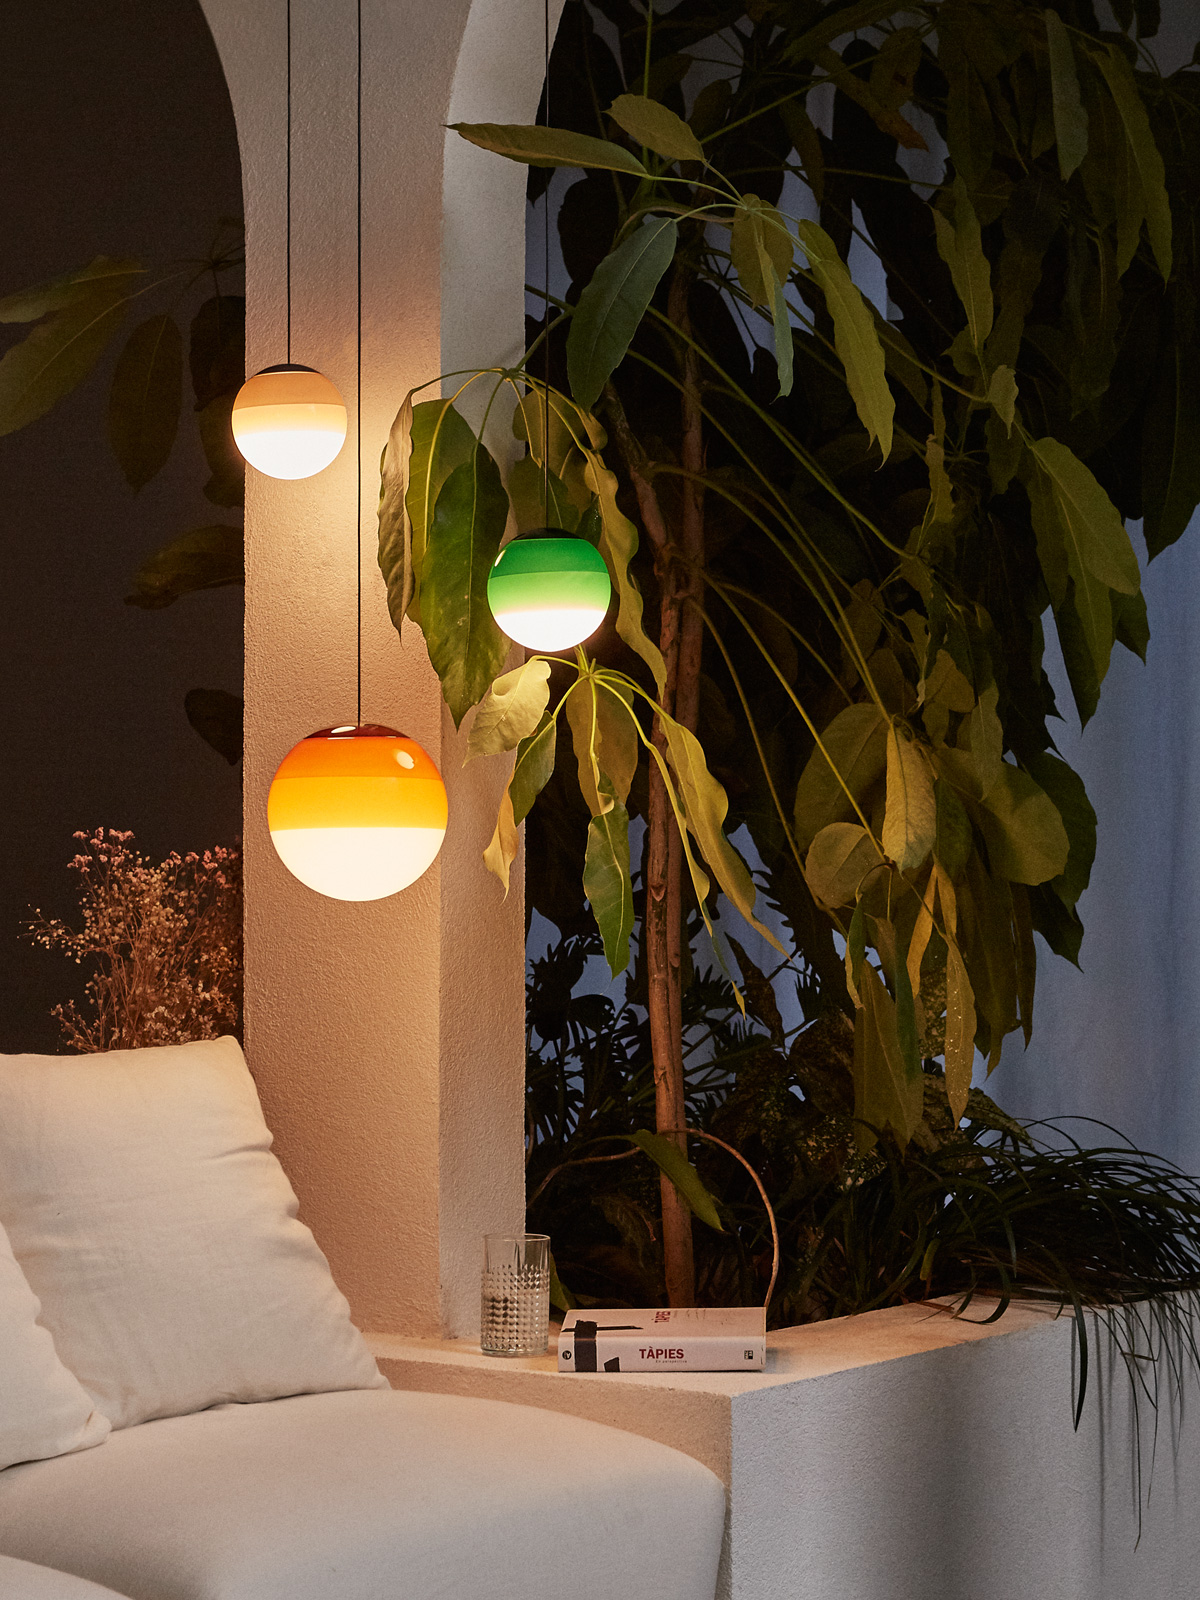 Dipping Light Marset Glasleuchten rund Ball DesignOrt Blog Lampen Leuchten Onlineshop Berlin